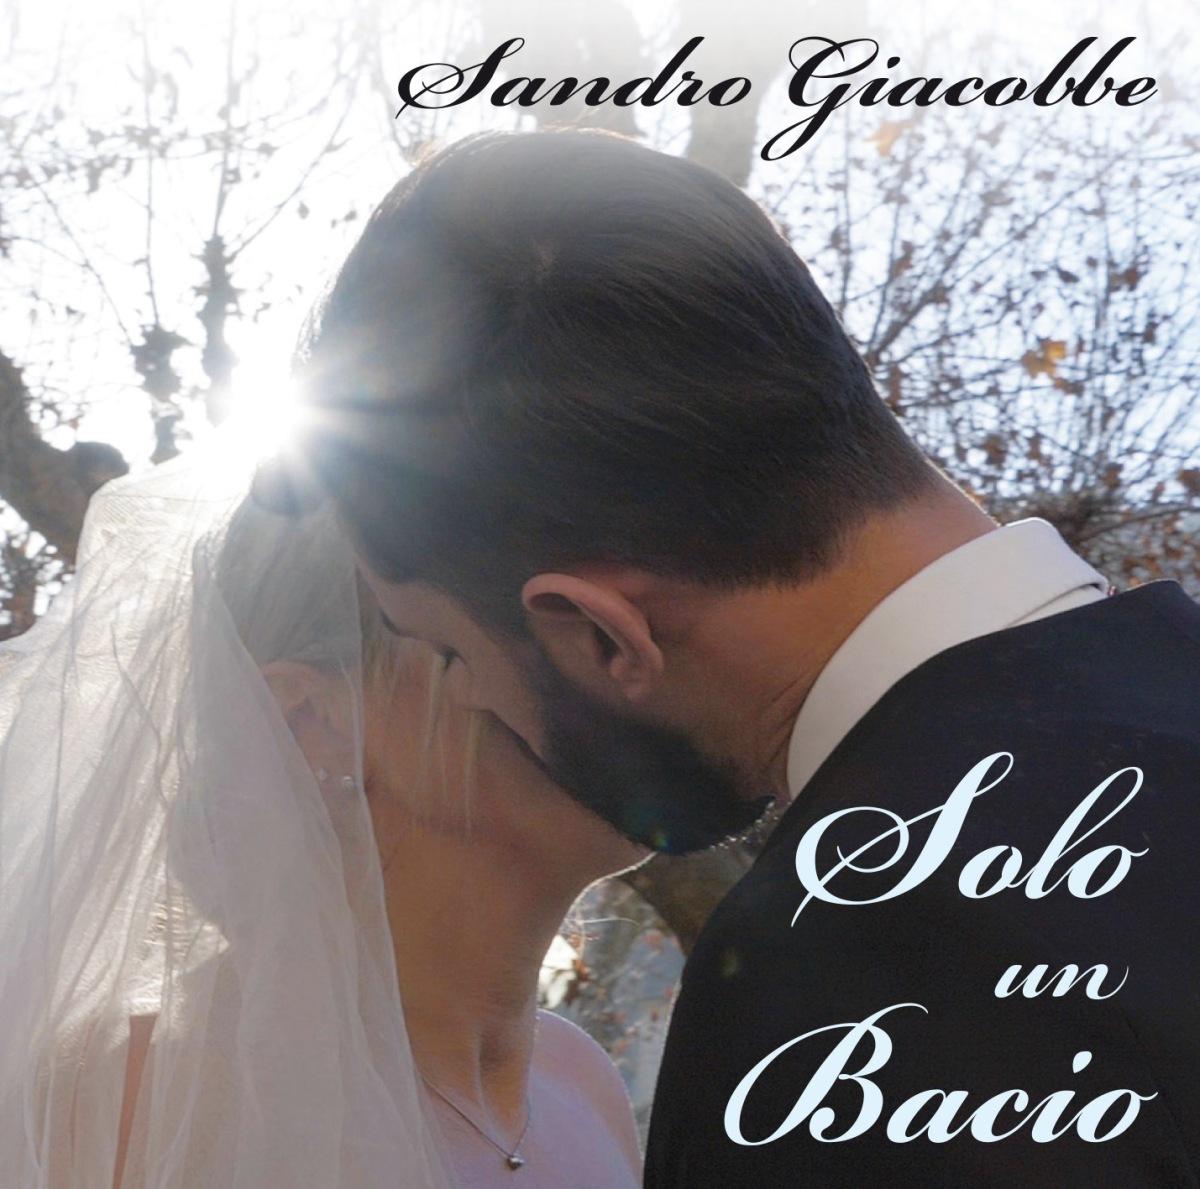 """Sandro Giacobbe: il nuovo singolo """"Solo un bacio"""", in radio dal 25 gennaio, a favore dei minori, figli delle vittime del ponte Morandi"""